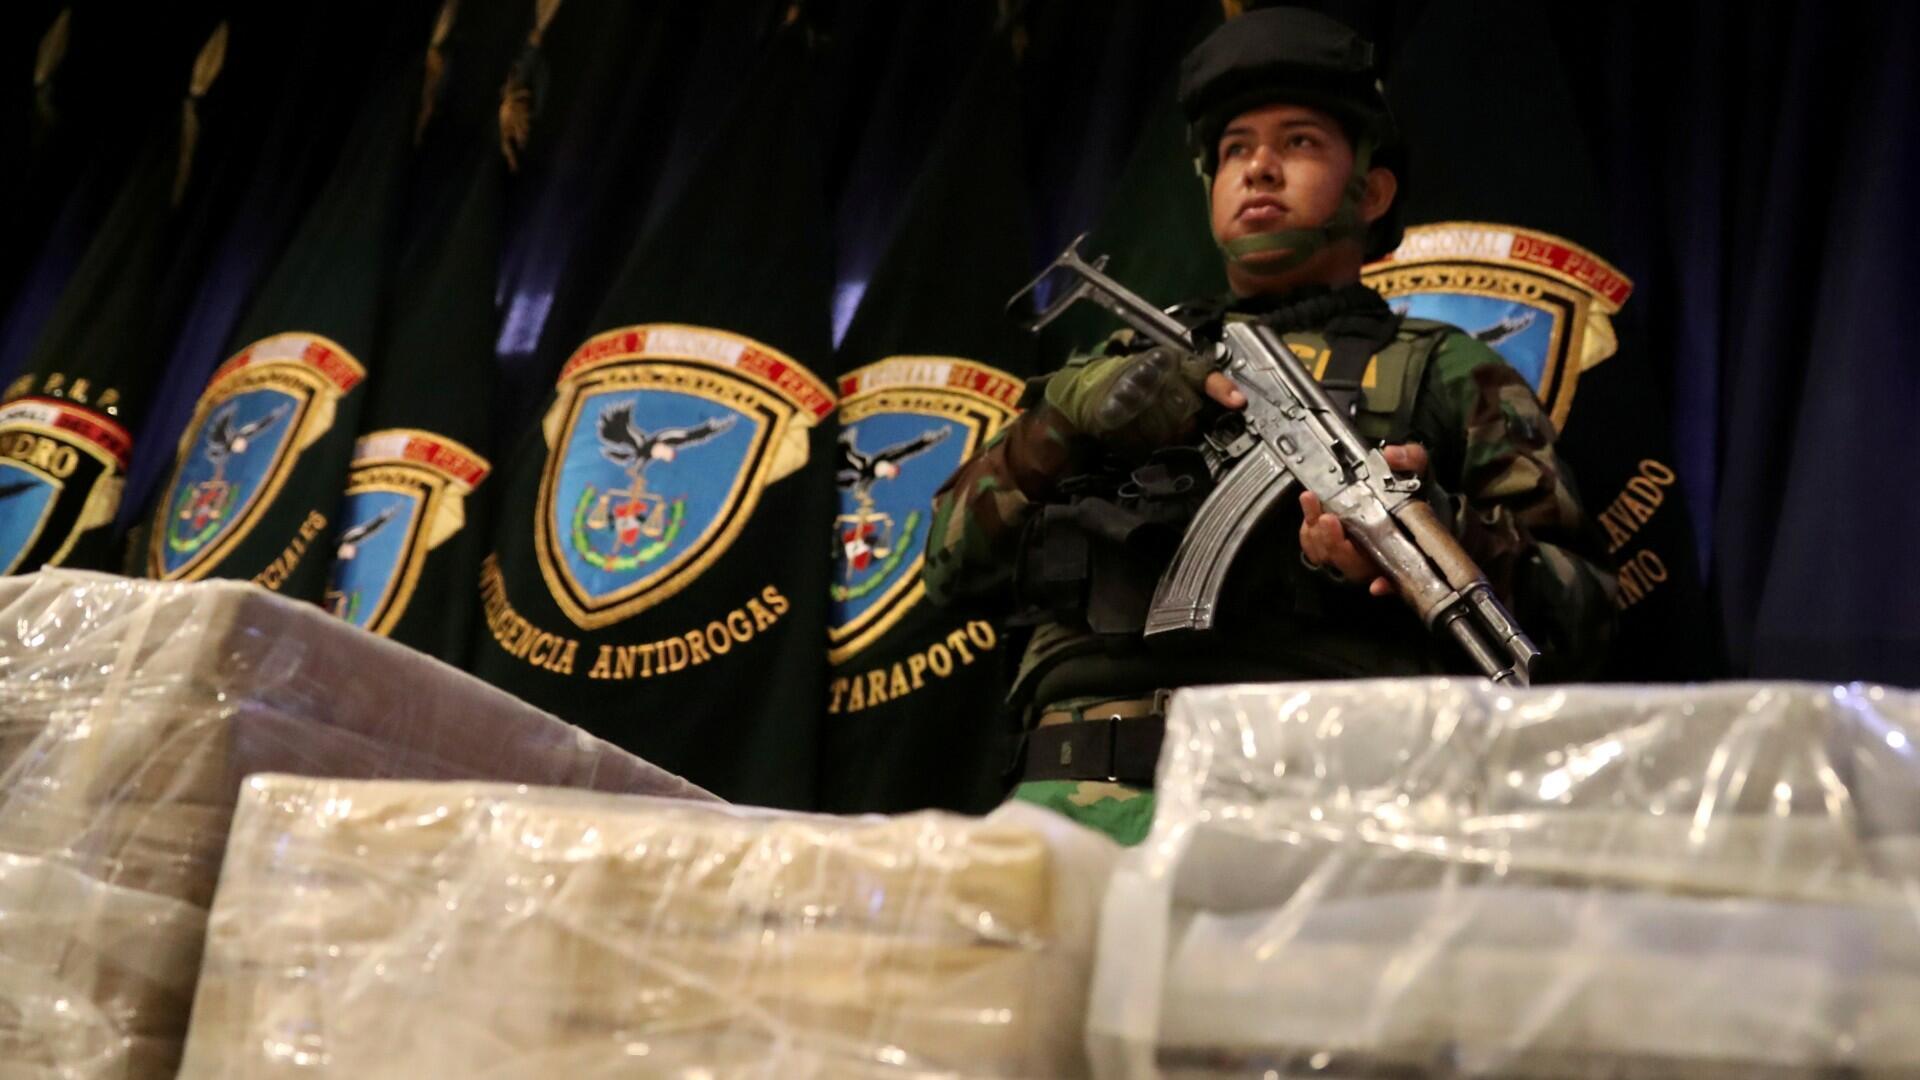 La policía peruana muestra a los medios de comunicación casi dos toneladas de cocaína en la sede de la policía en Lima, Perú, el 8 de marzo de 2019.